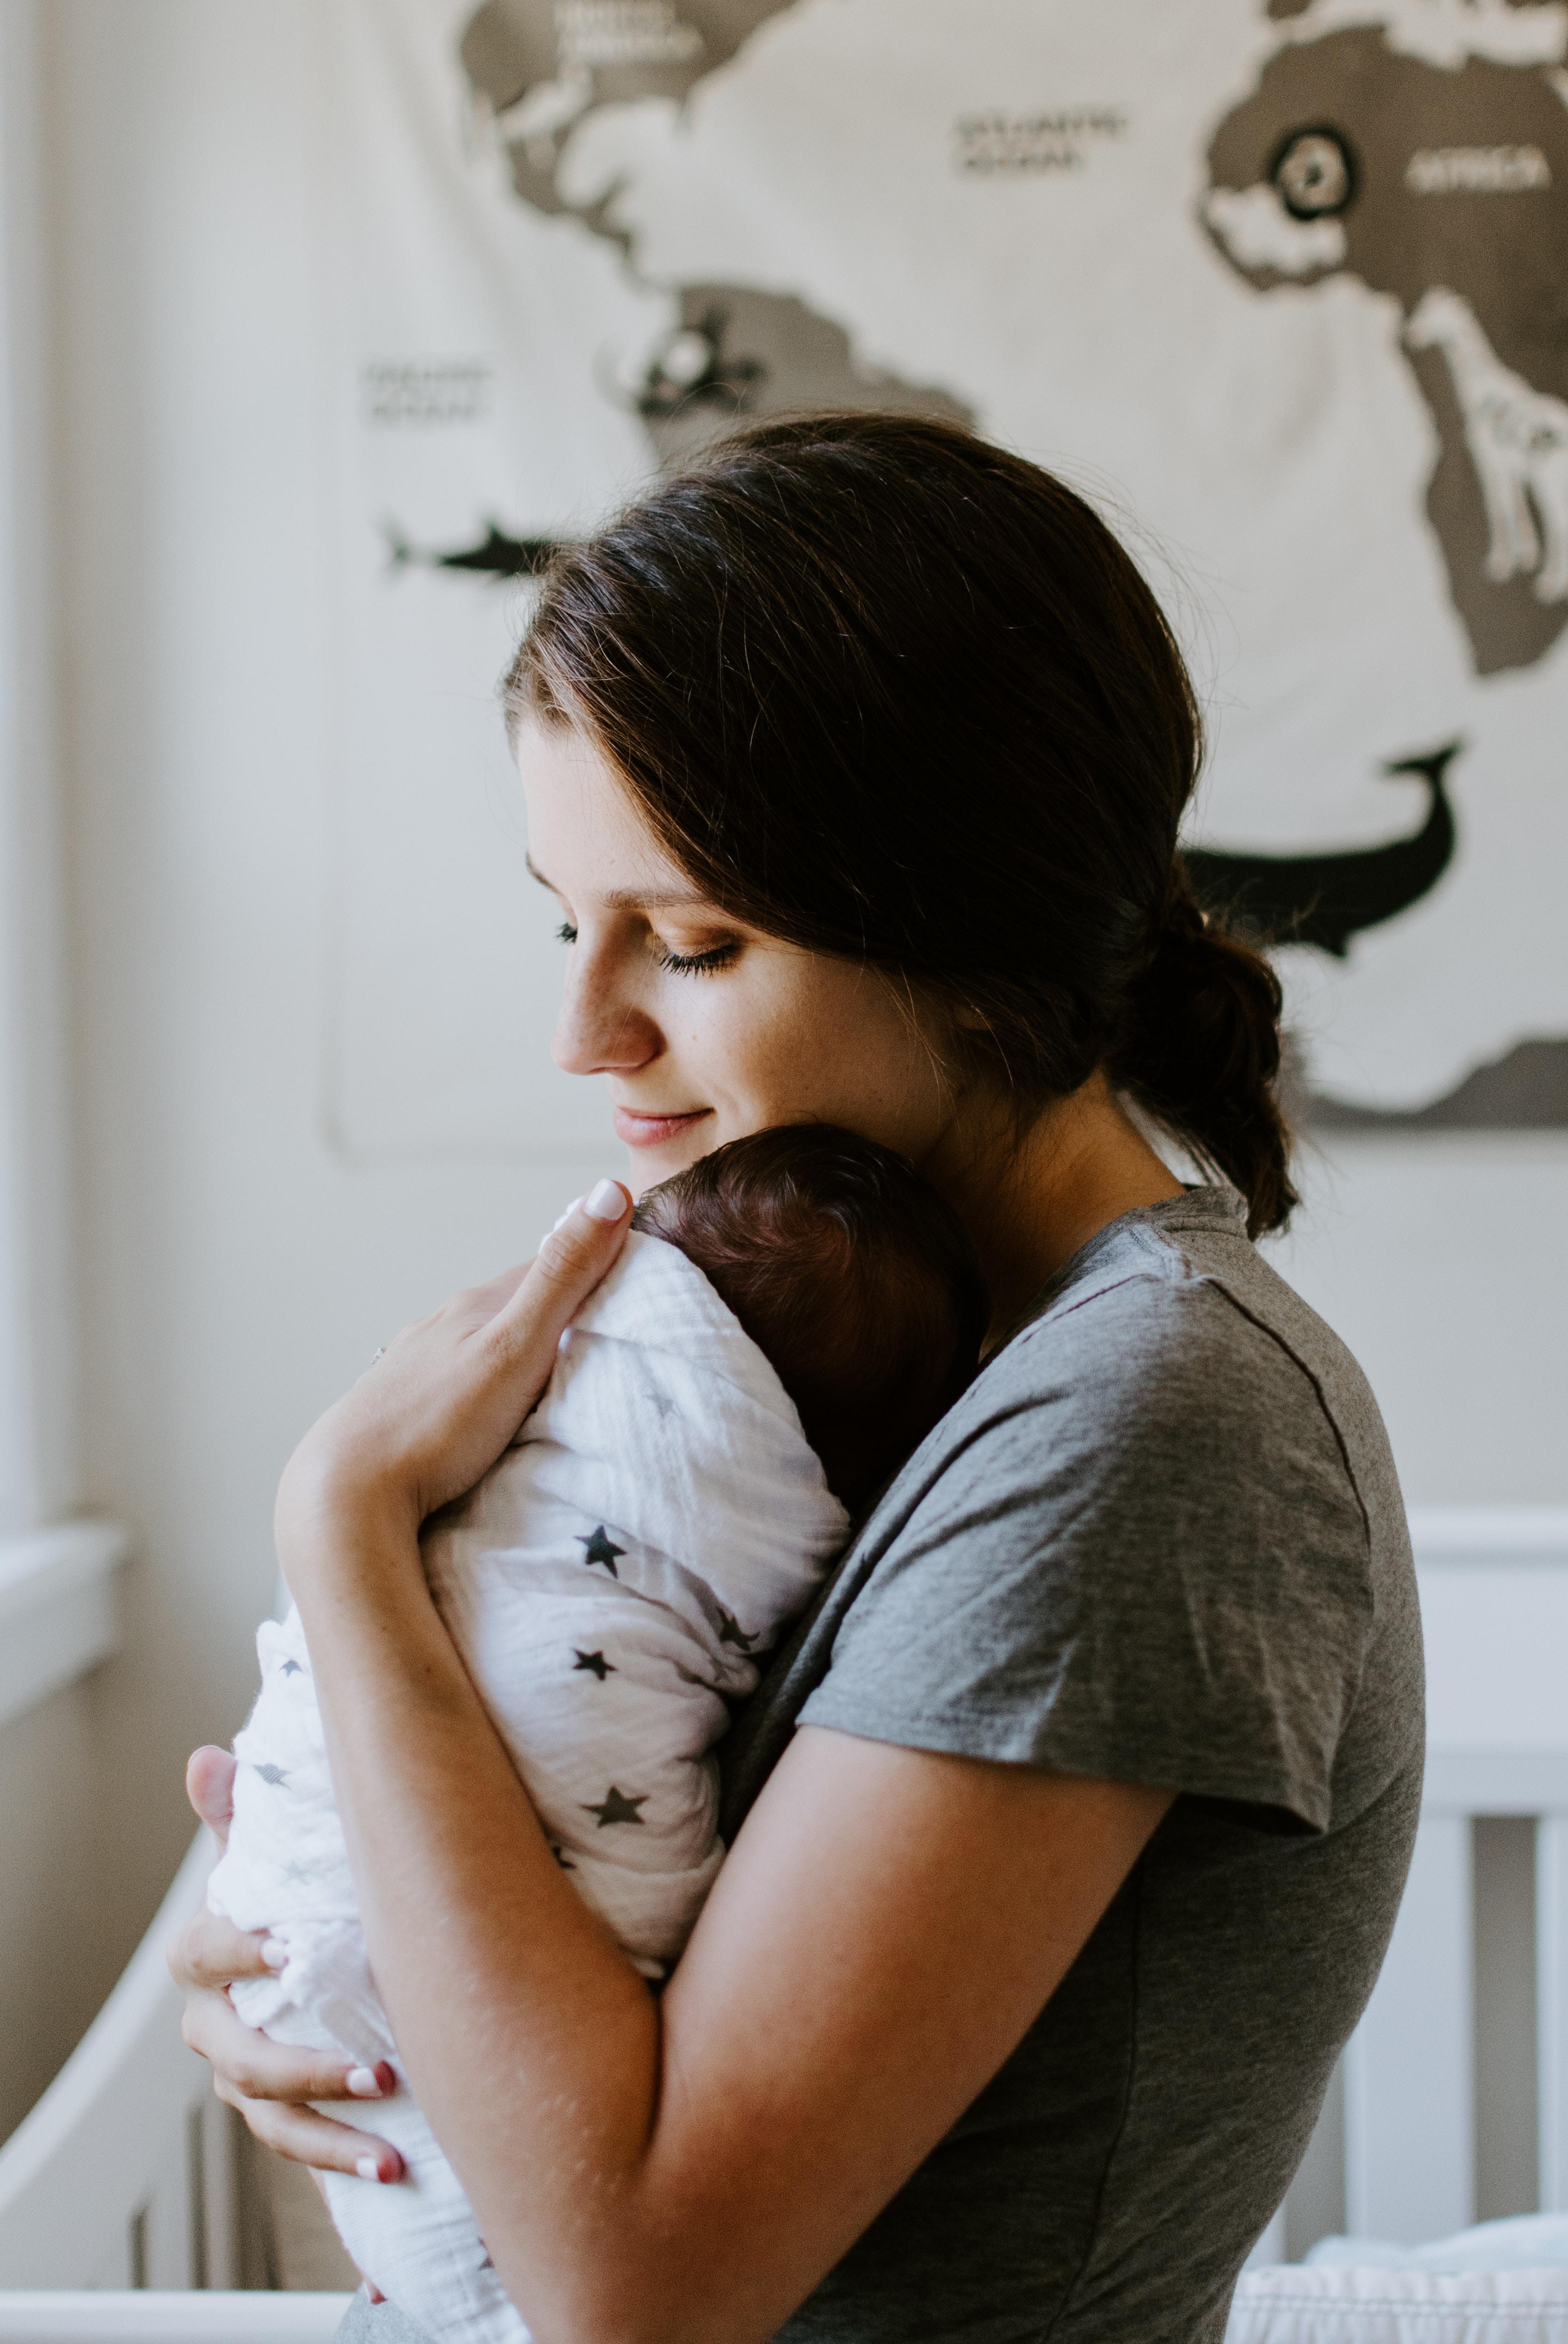 maman en t-shirt gris tenant son bébé recouvert d'une couverture dans ses bras